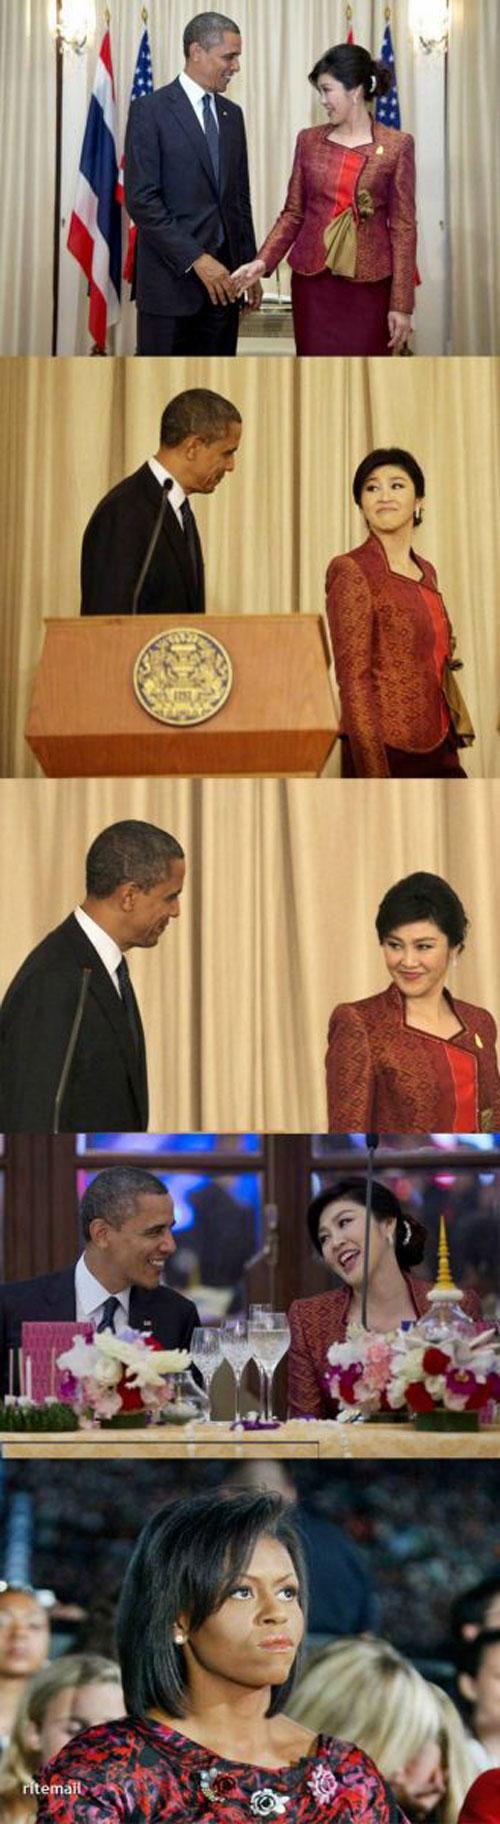 36057 174 کار زشت اوباما با یک زن دیپلمات/عکس